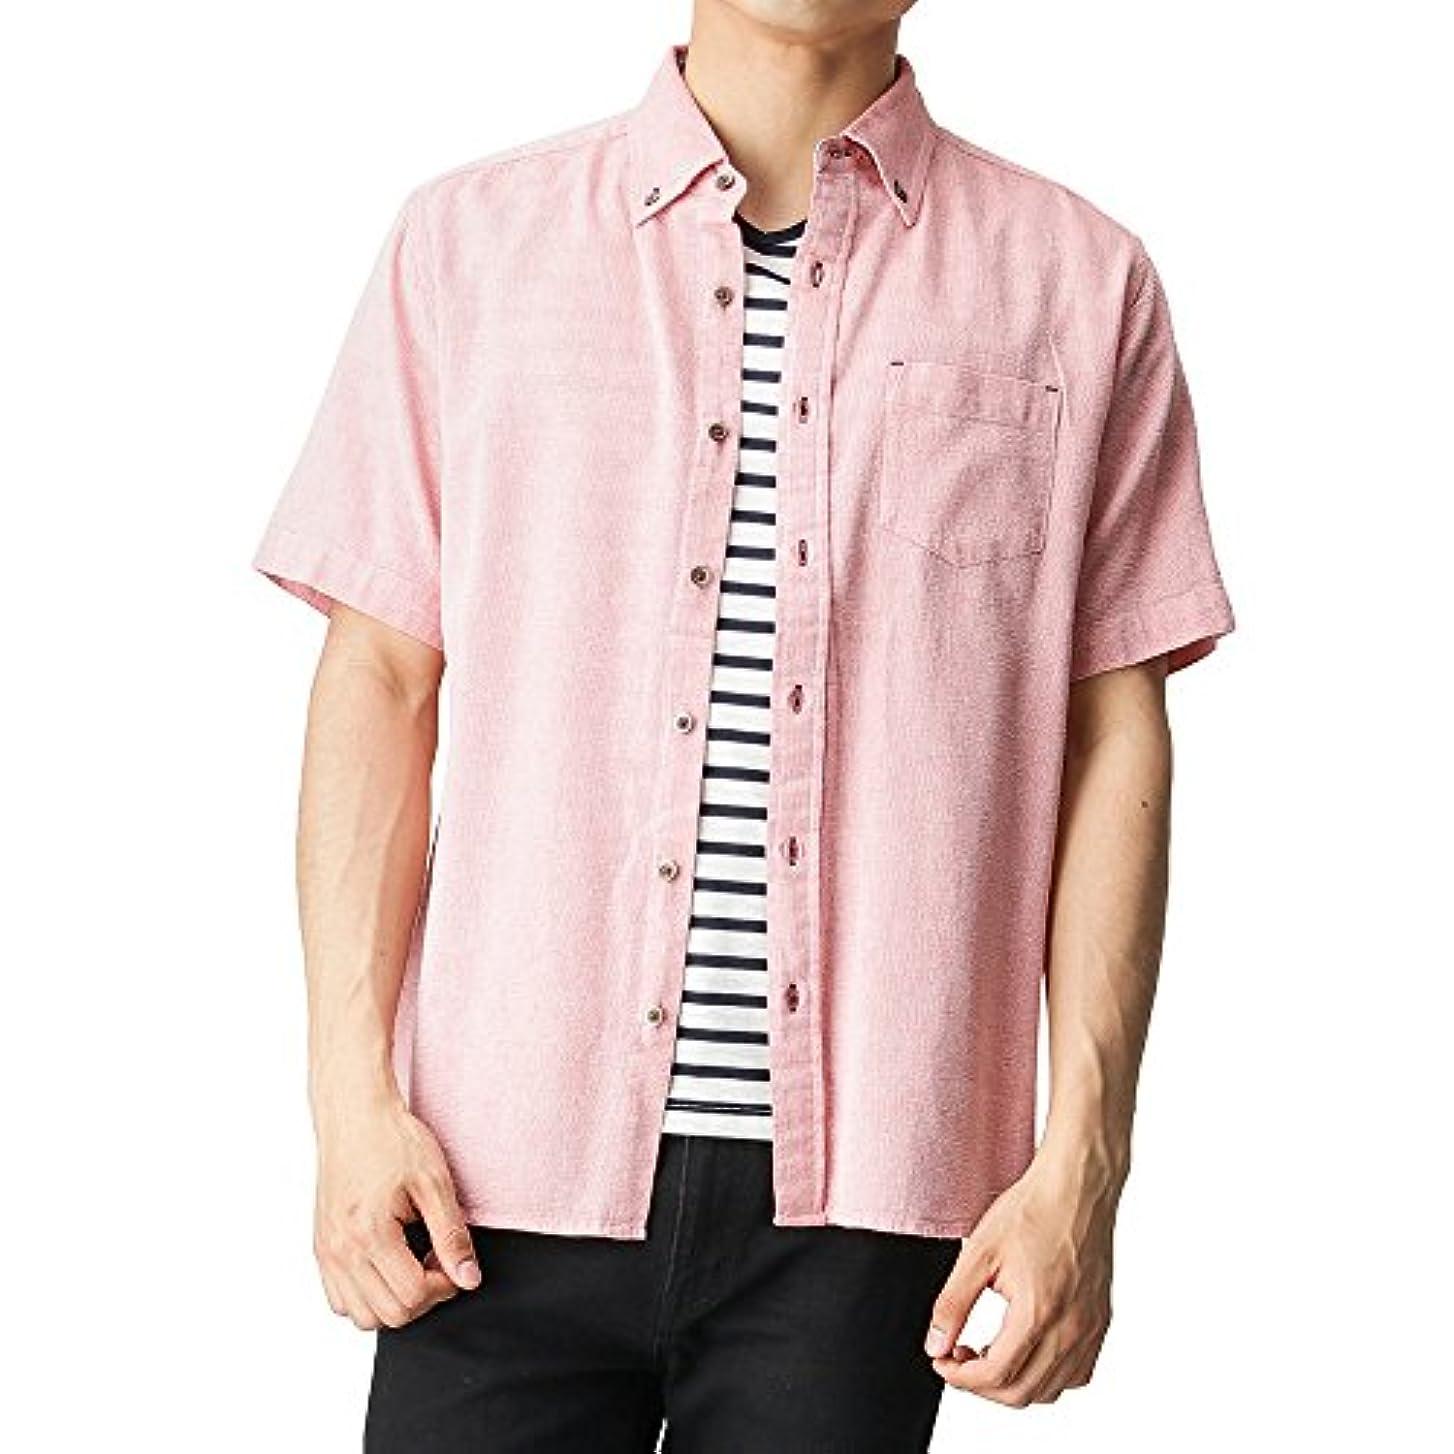 尽きる袋ほのかNavy(ネイビー) パナマアンサンブルボタンダウンシャツ 8270-7420 メンズ